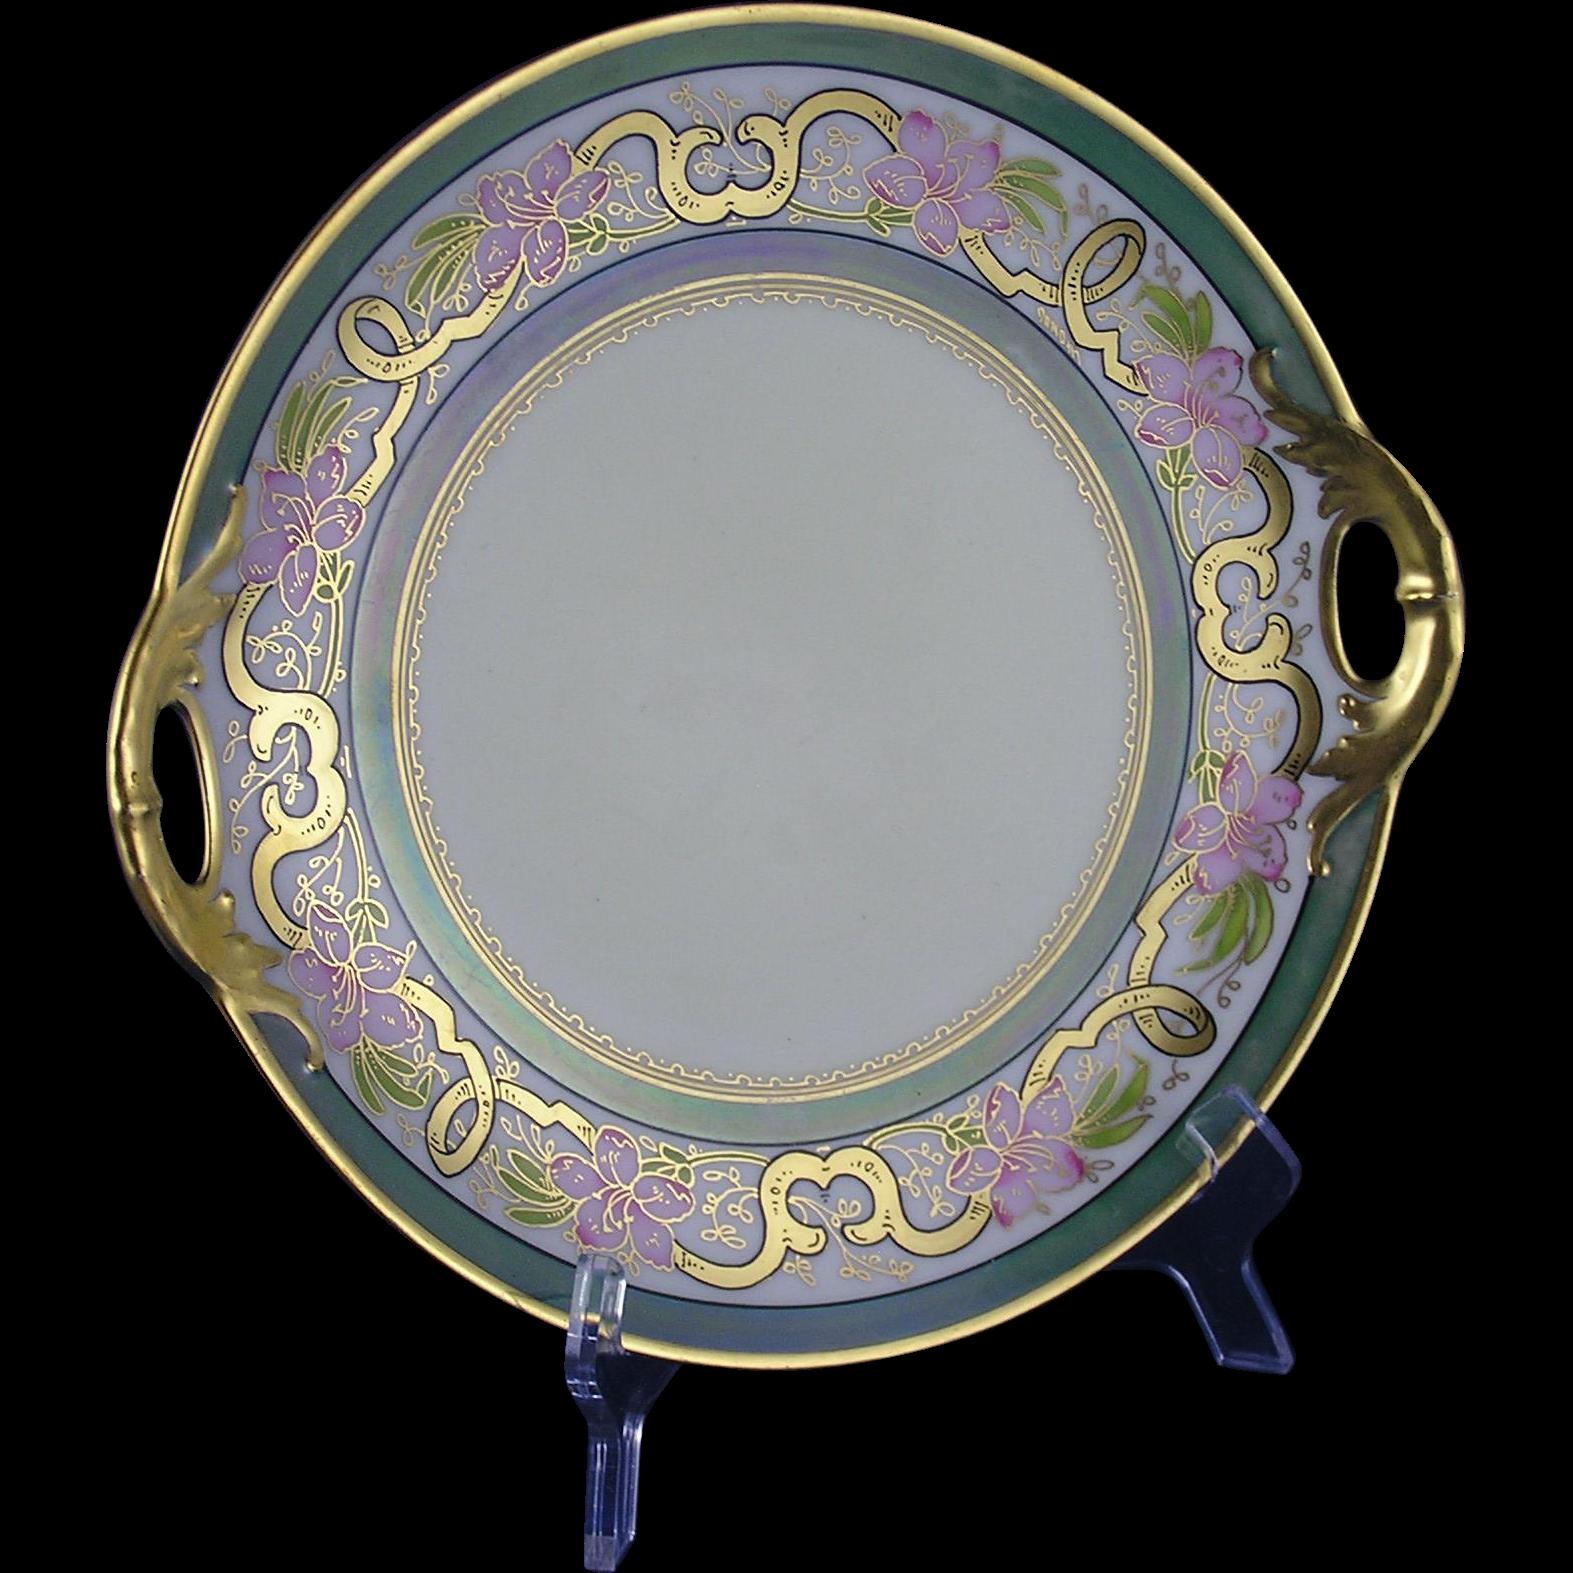 """Pitkin & Brooks Studio Haviland Limoges Floral Design Handled Plate (Signed """"Donath"""" for Edward W. Donath/c.1903-1910)"""